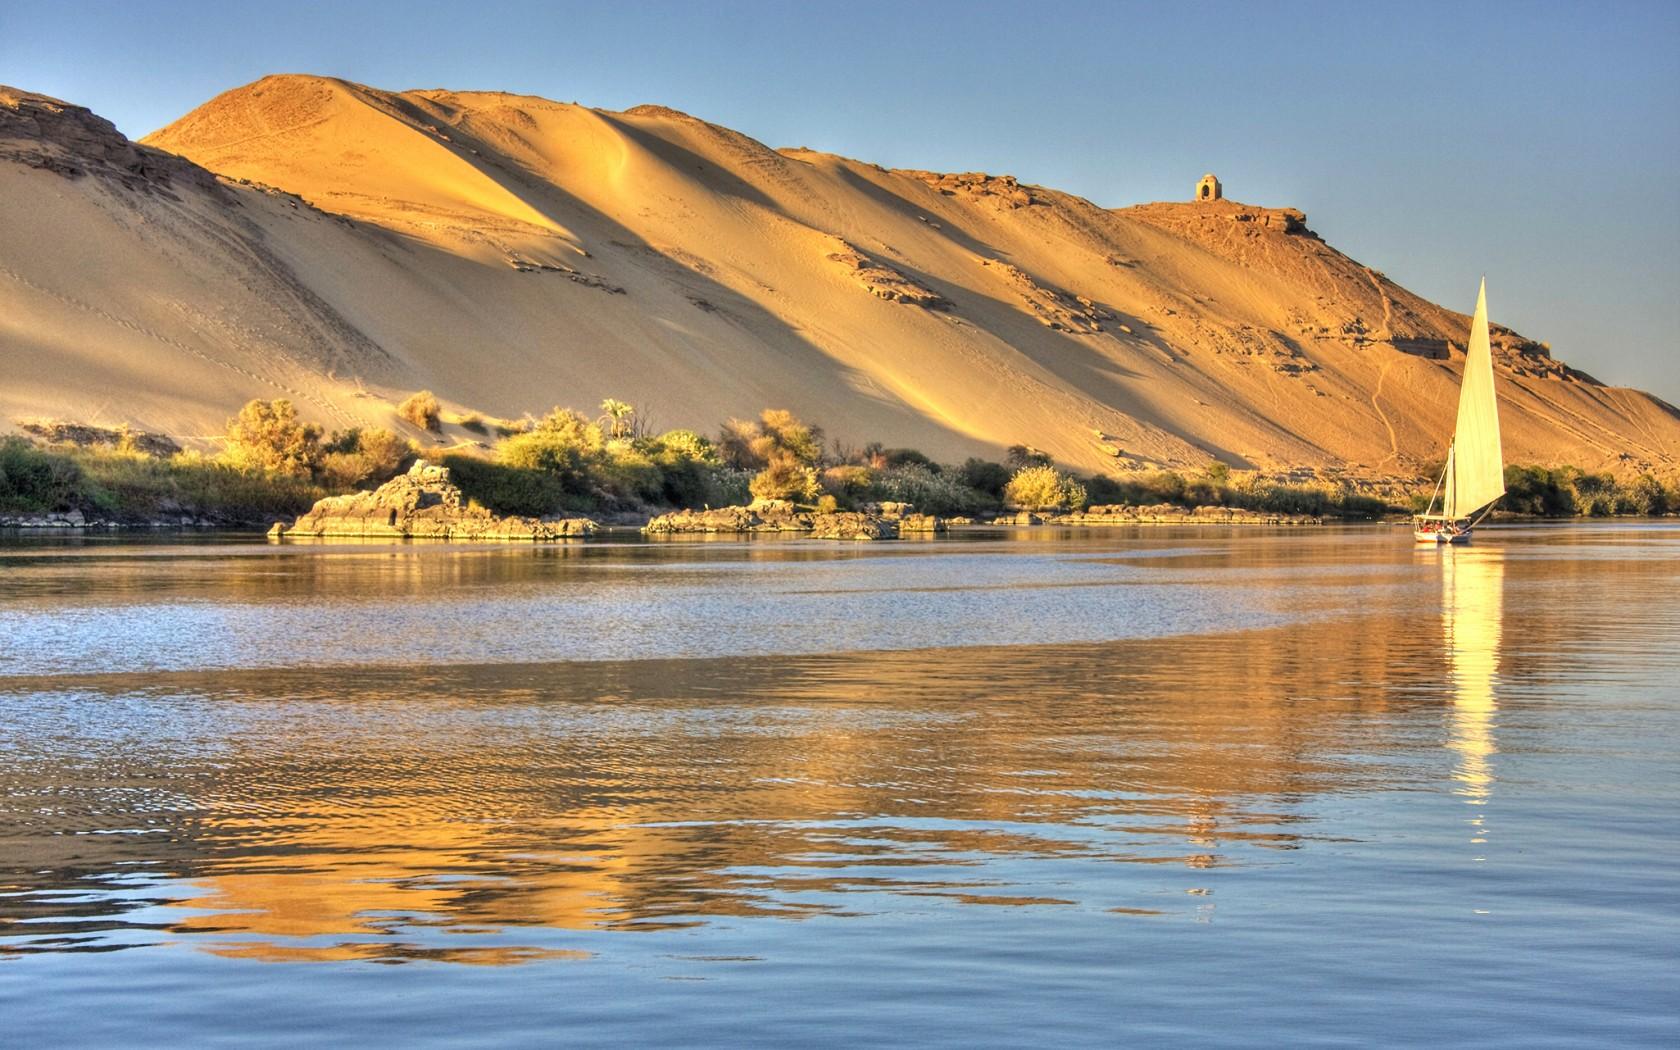 Cruceros marítimos y fluviales de Catai Tours. Crucero por el Nilo.